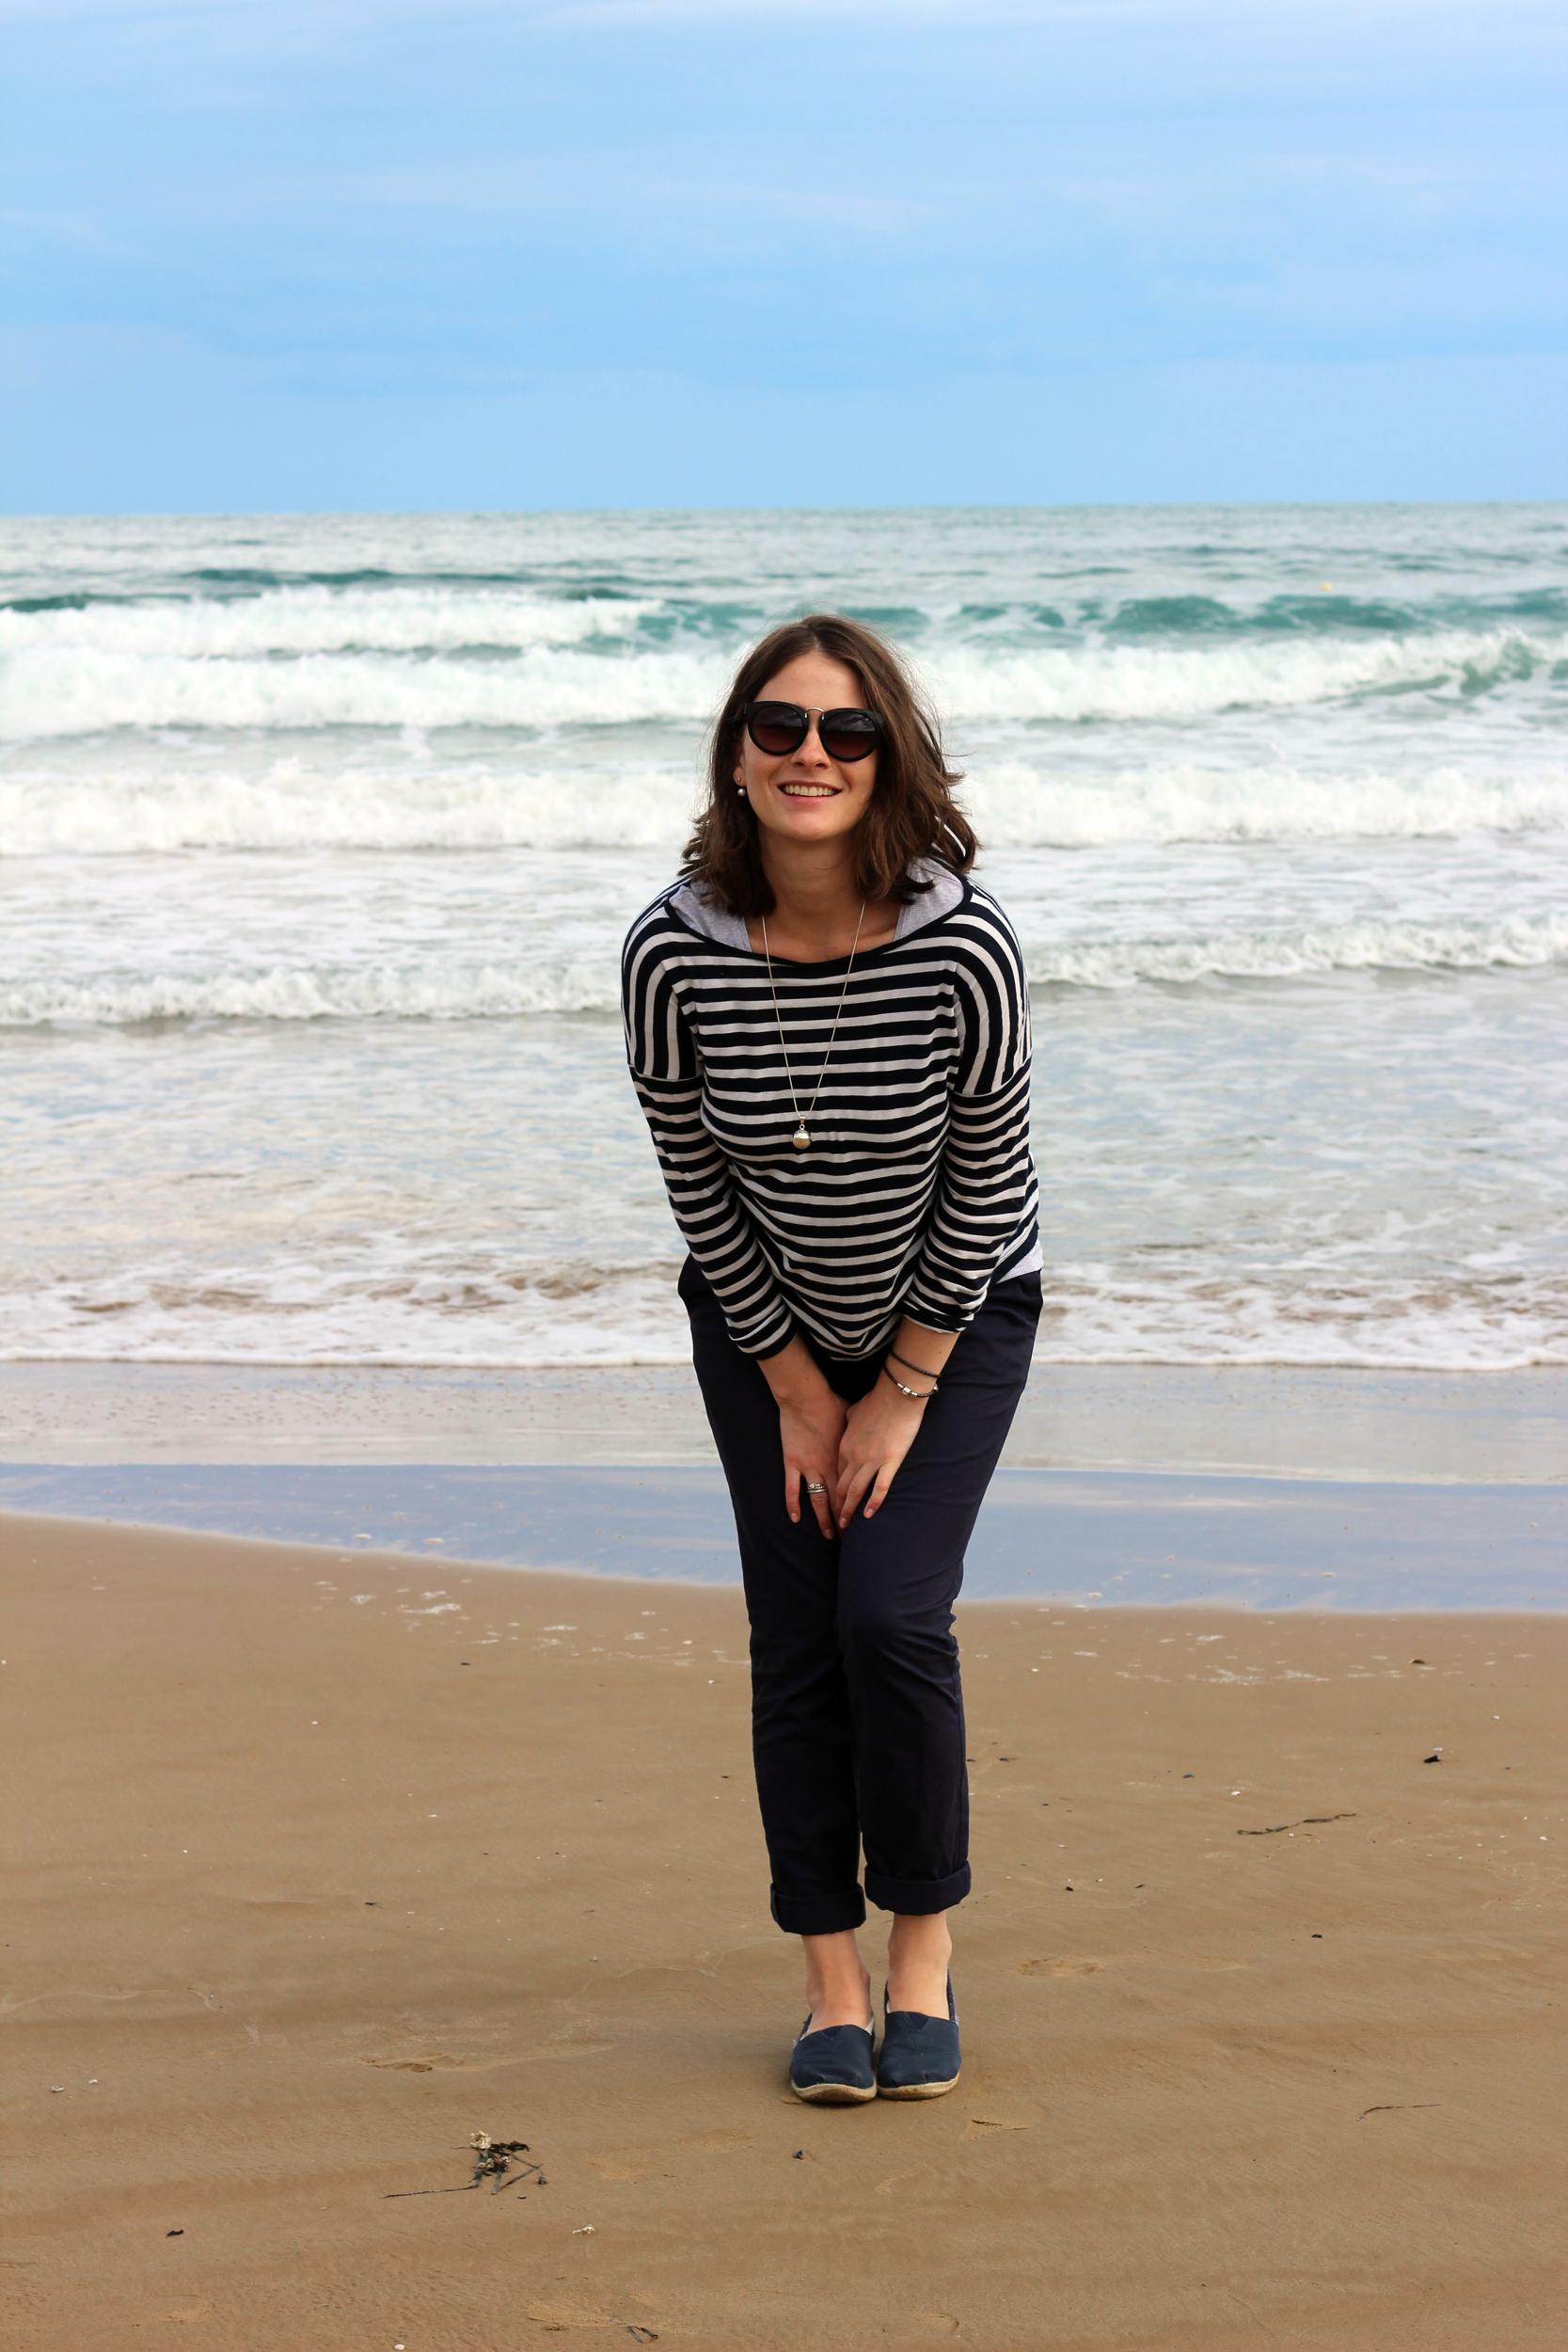 annaporter-adriatic-sea-viest-italy-italia-vacanza-mare-beach-3-Copy.jpg